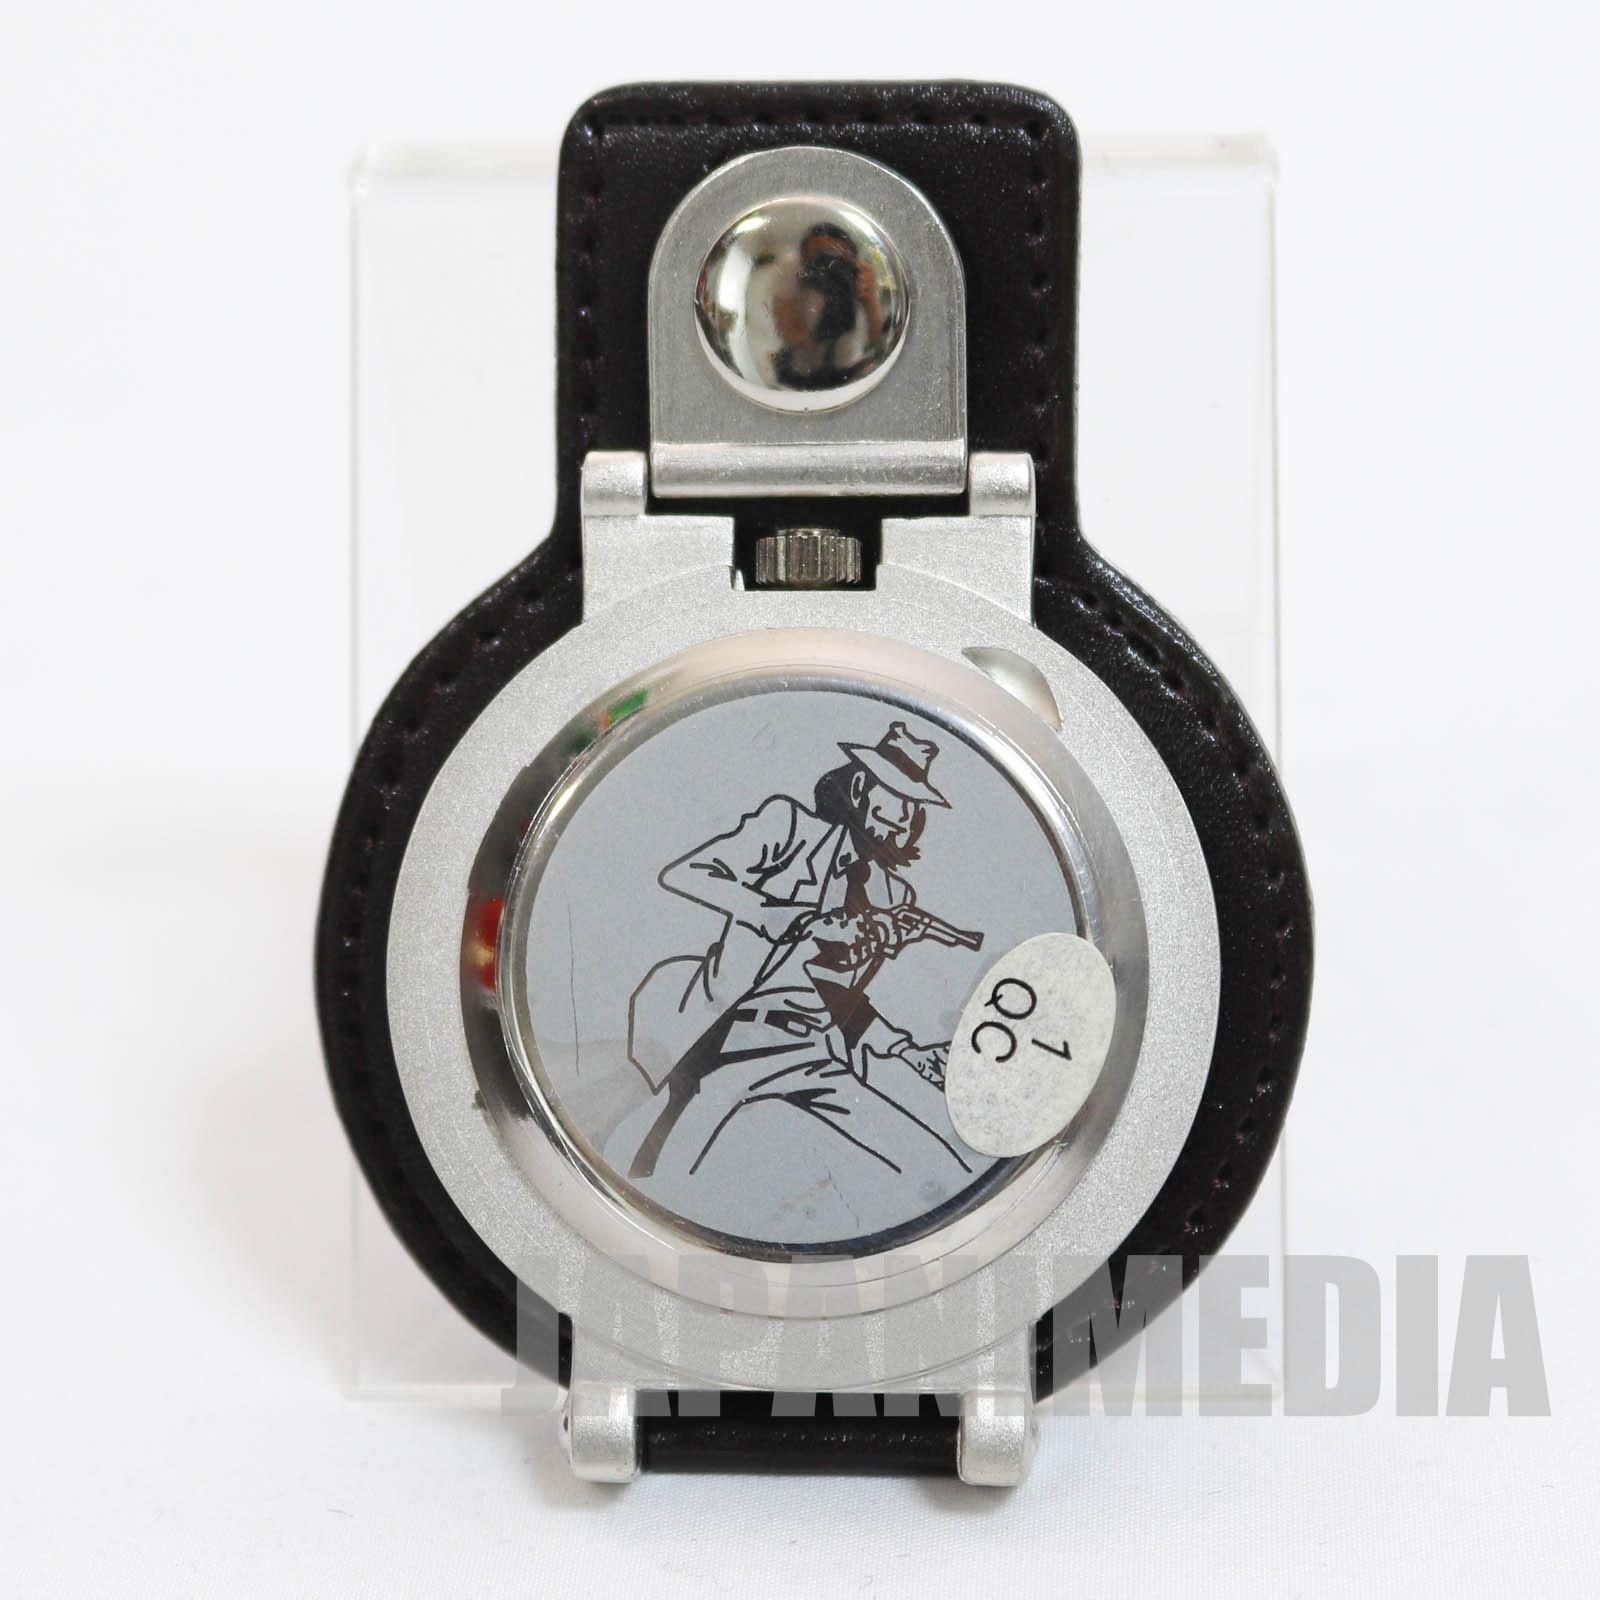 Lupin the Third (3rd) Daisuke Jigen Wrist Watch JAPAN ANIME 2